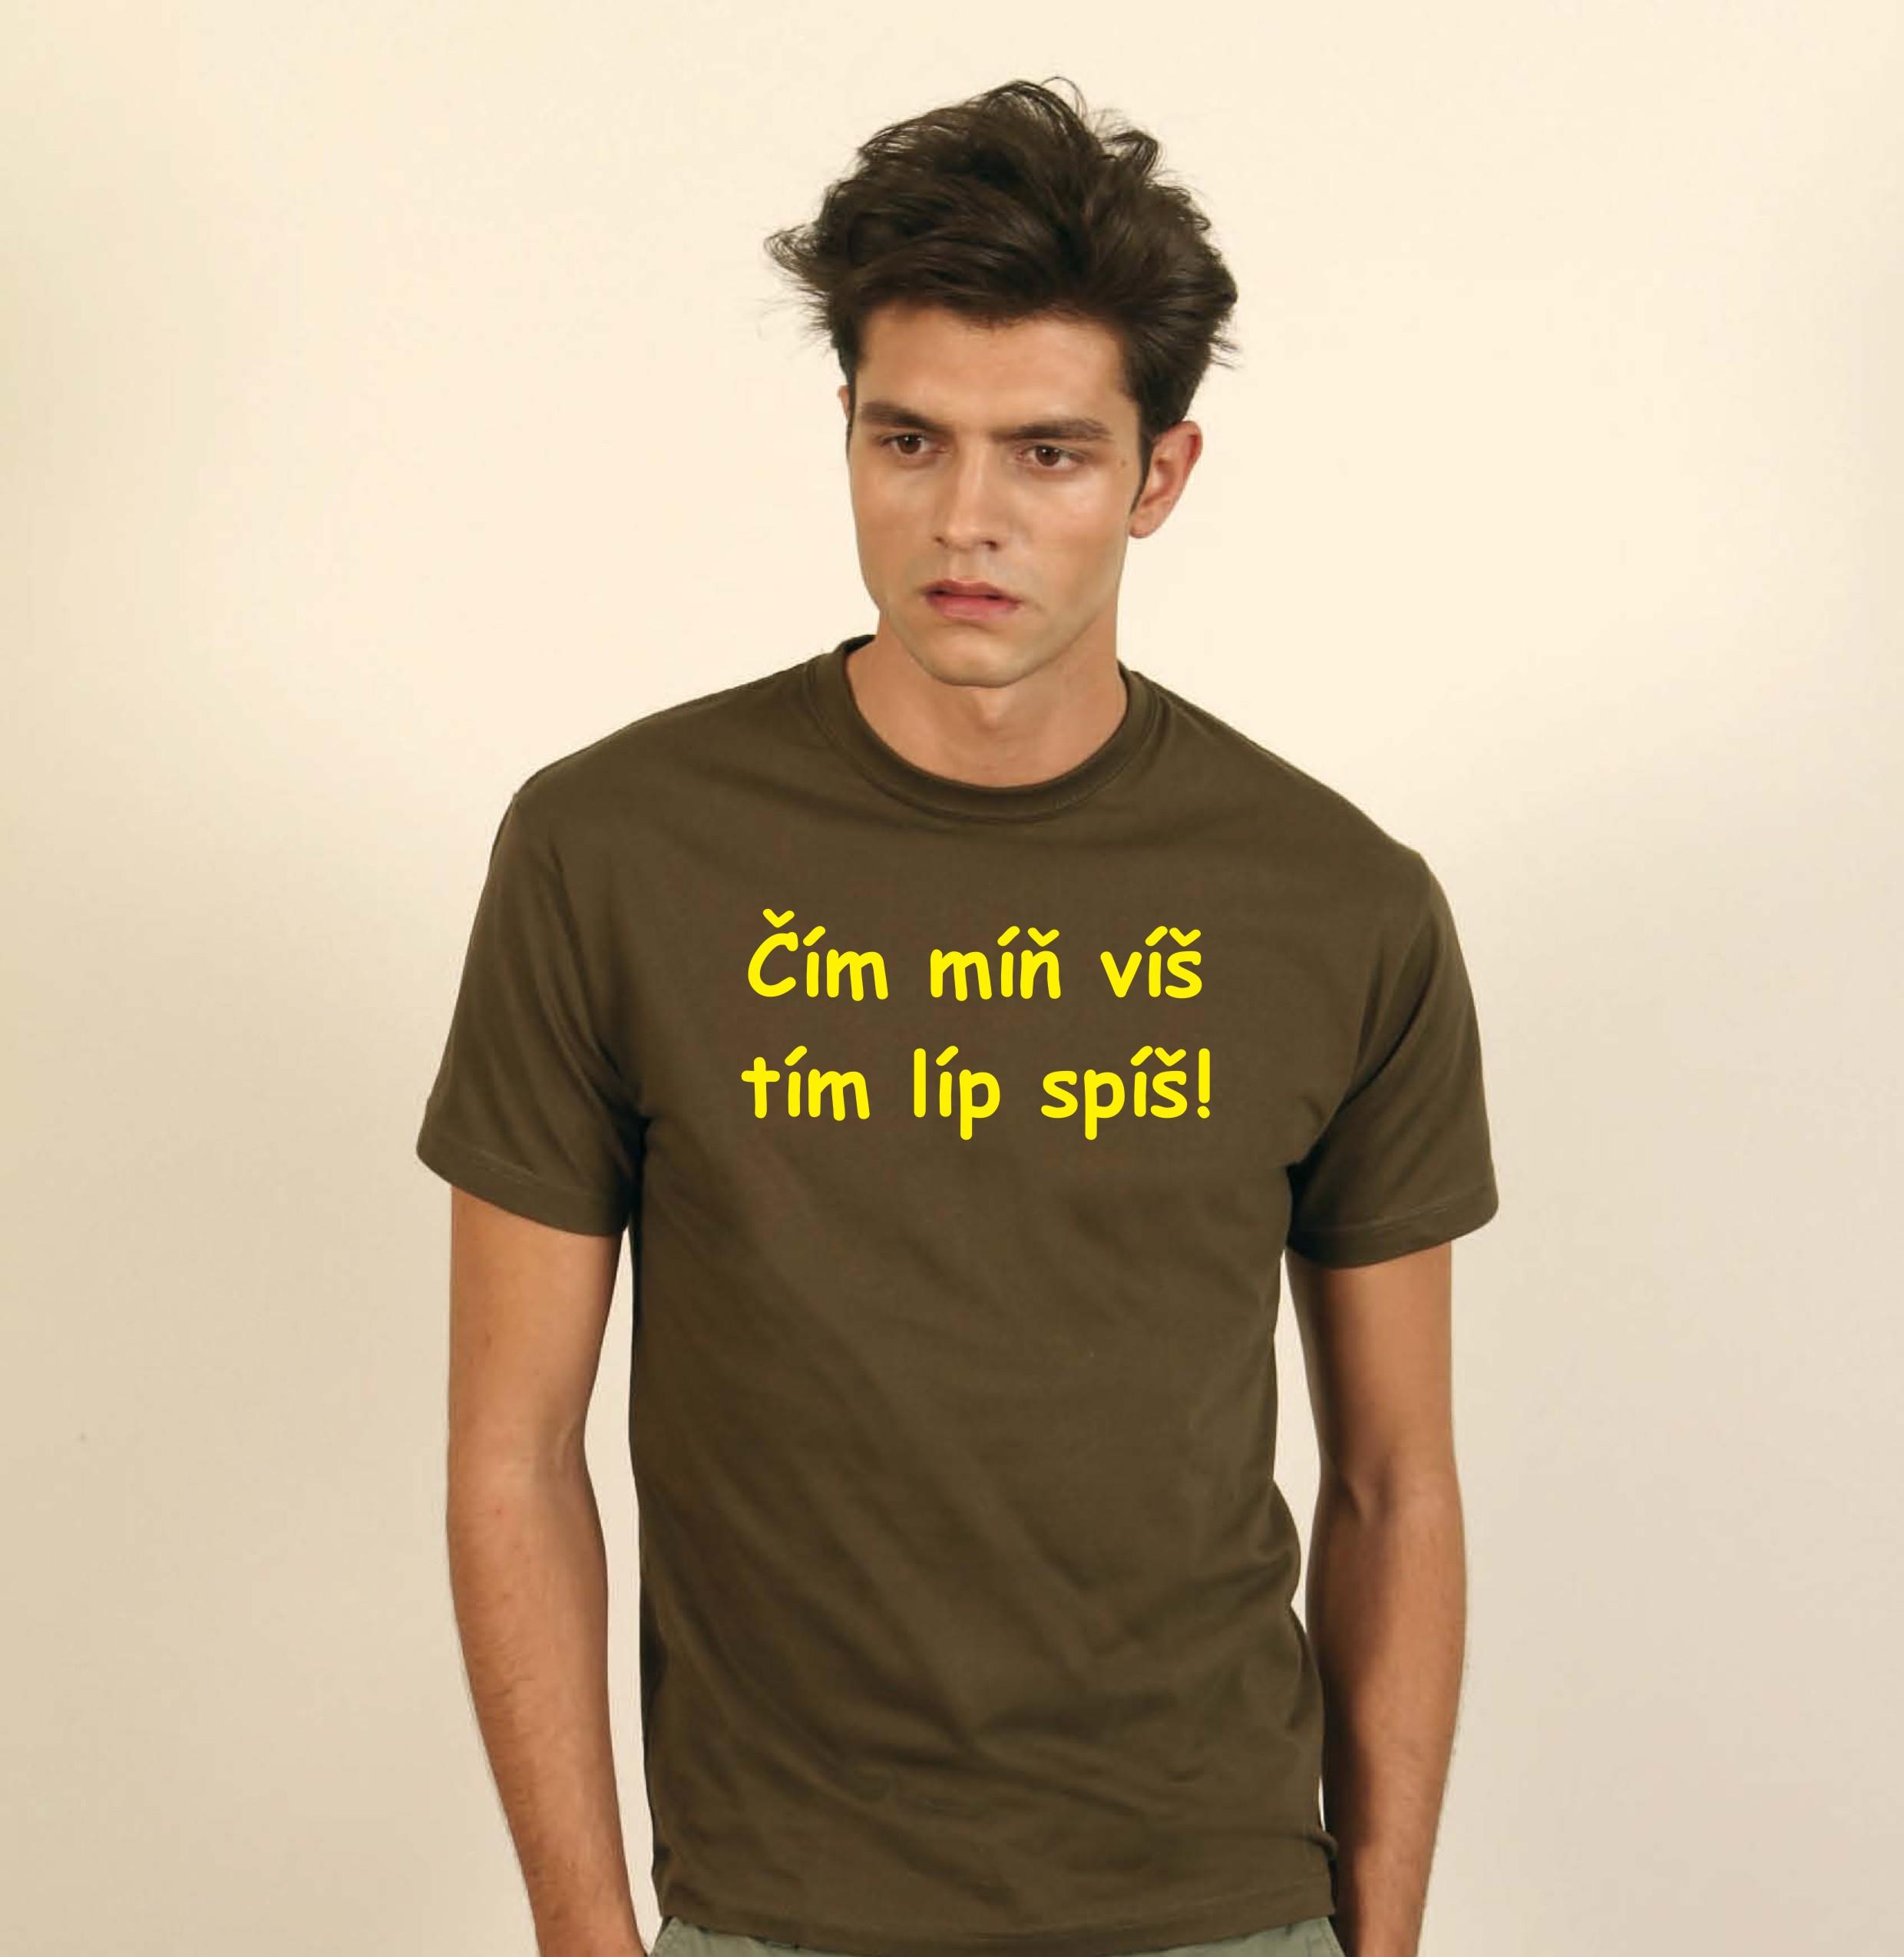 c81d15ee1d3 Potiskněte triko jako dárek k promoci. Červené tričko pro vlastní potisk.  Pánské tričko v barvě burgundská. Pánské tričko JHK s krátkým rukávem